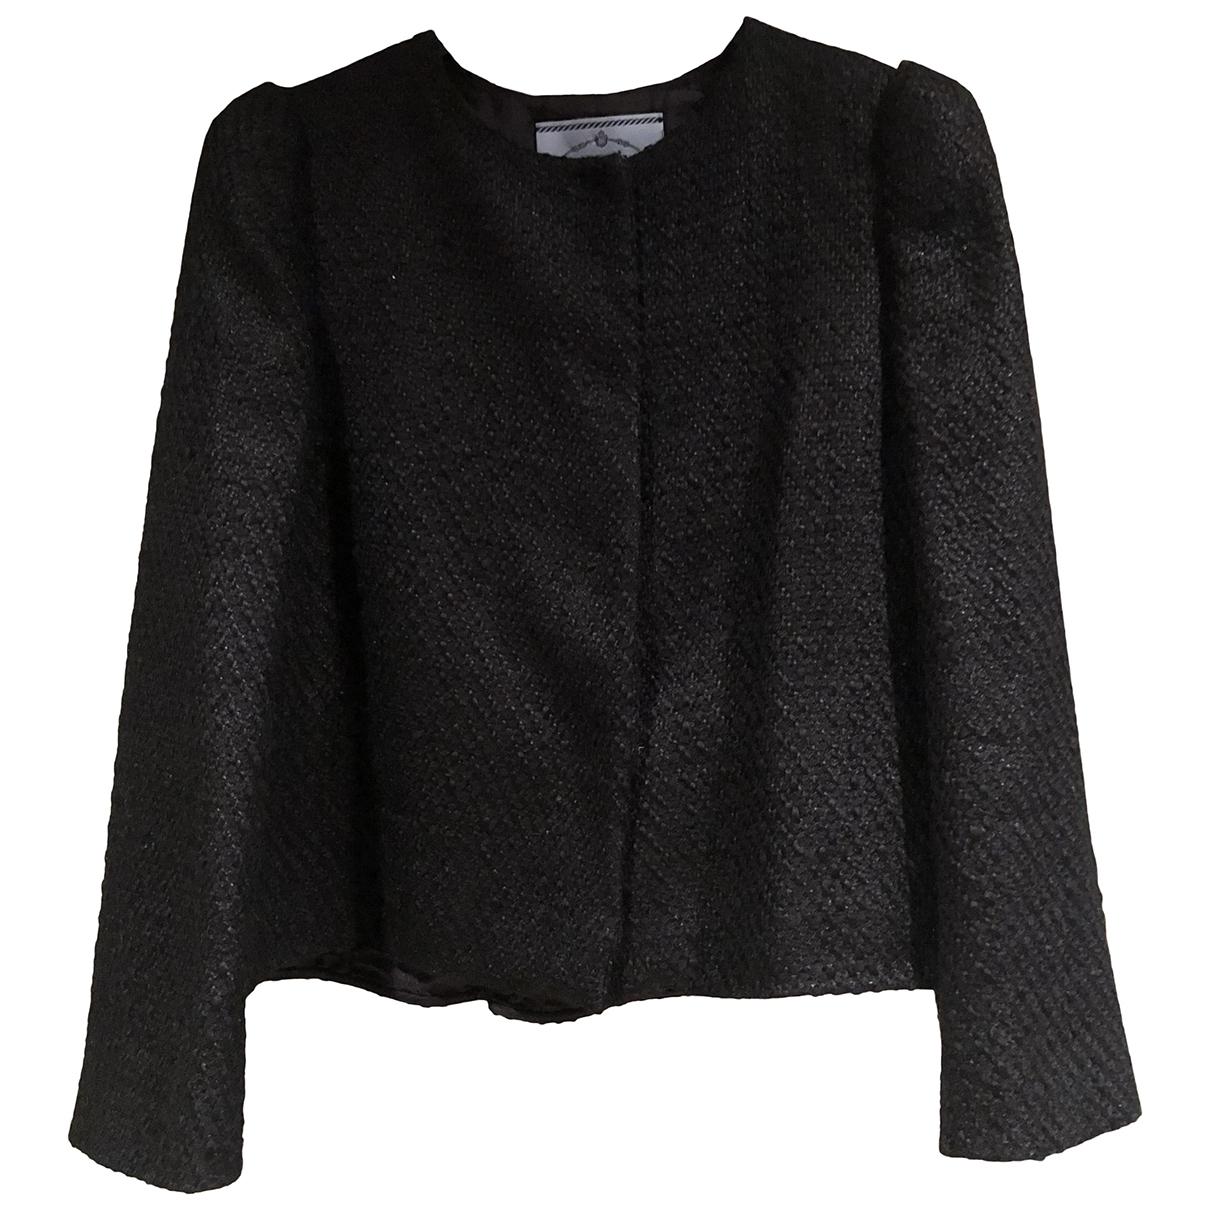 Prada \N Black Tweed jacket for Women 40 IT